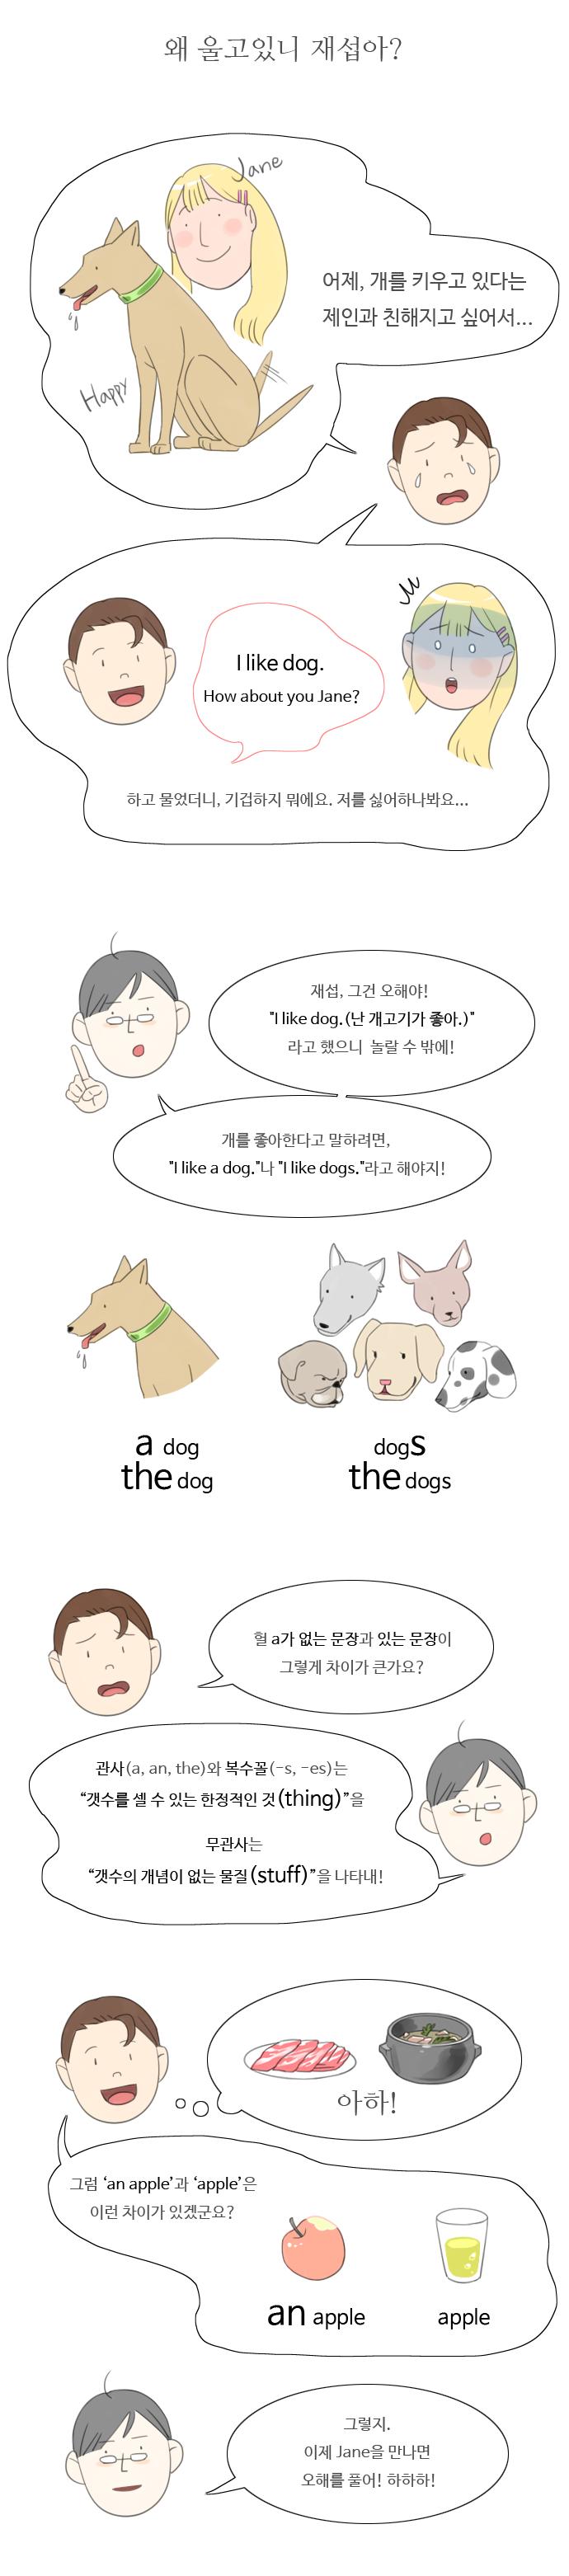 만화 소병남글 김유진그림.png